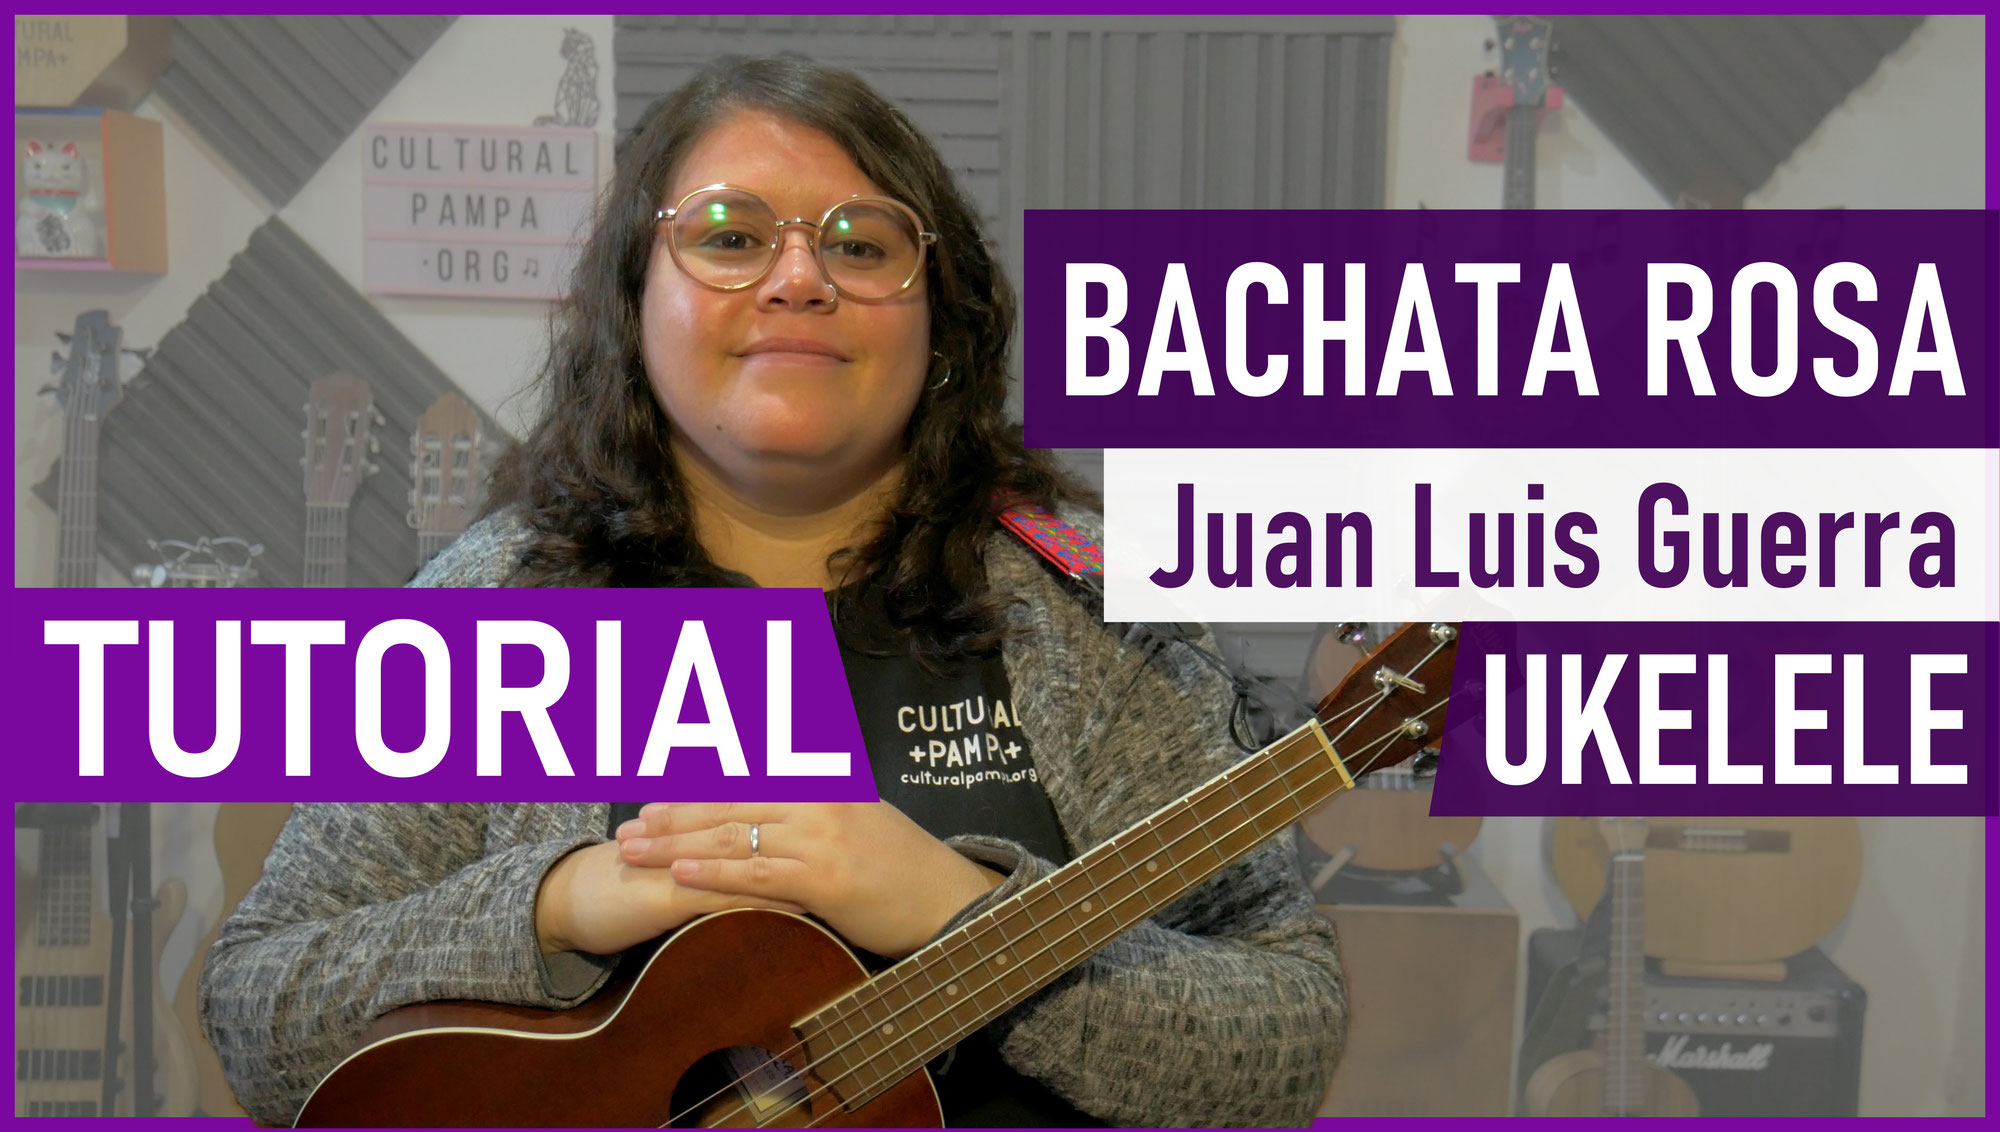 Como tocar Bachata Rosa (Juan Luis Guerra)   Tutorial Ukelele